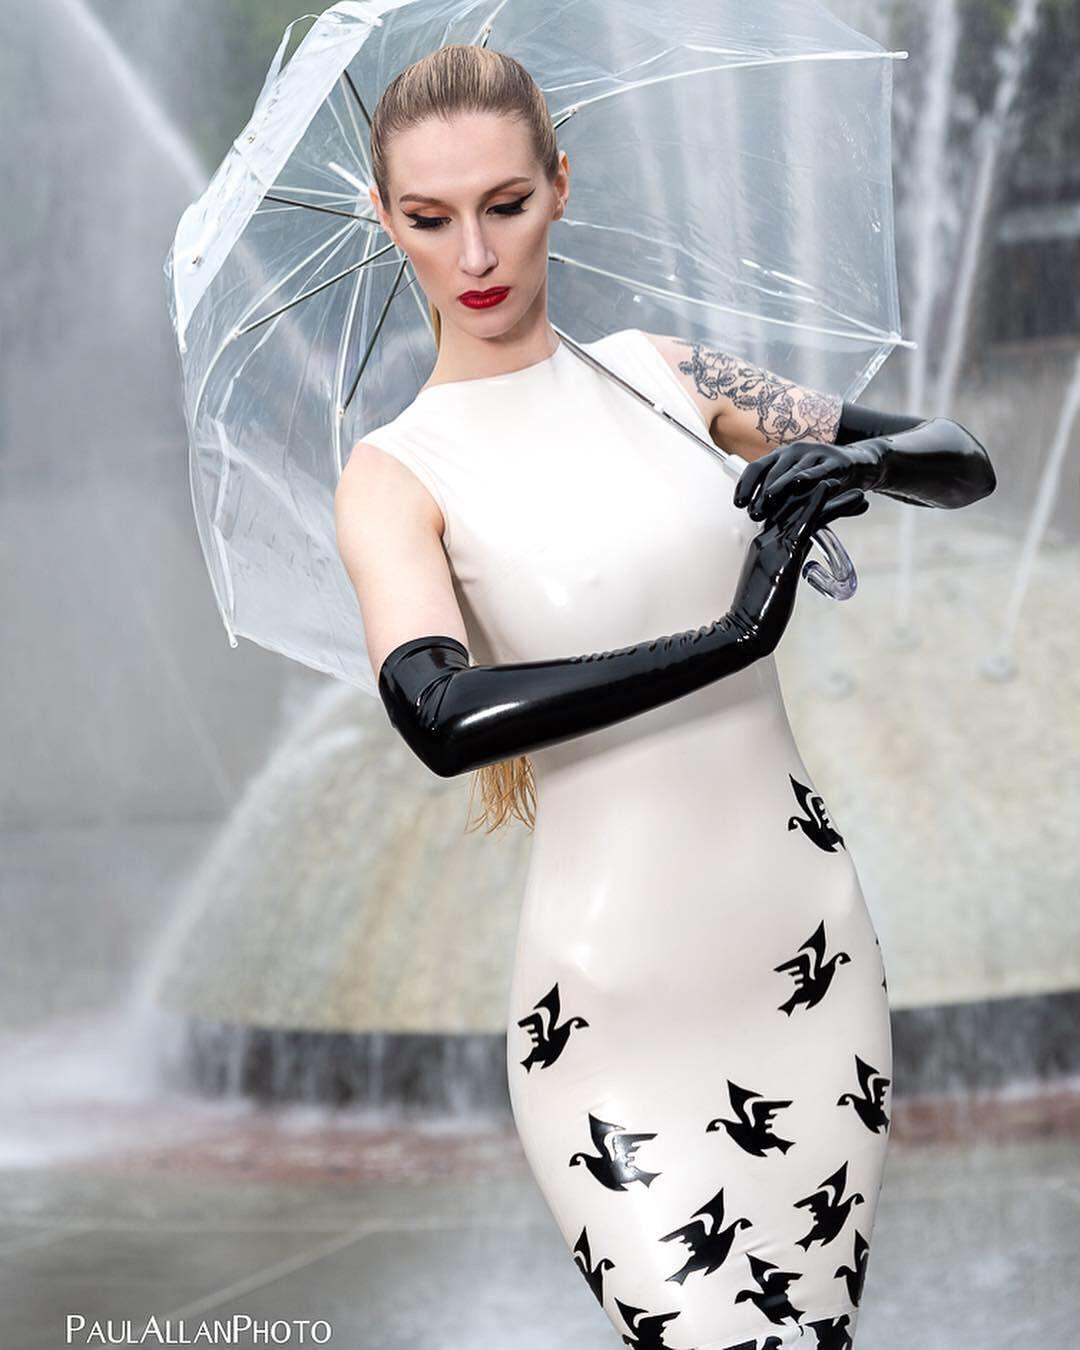 Formal Luxurius Lange Handschuhe Zum Abendkleid Boutique13 Schön Lange Handschuhe Zum Abendkleid Galerie